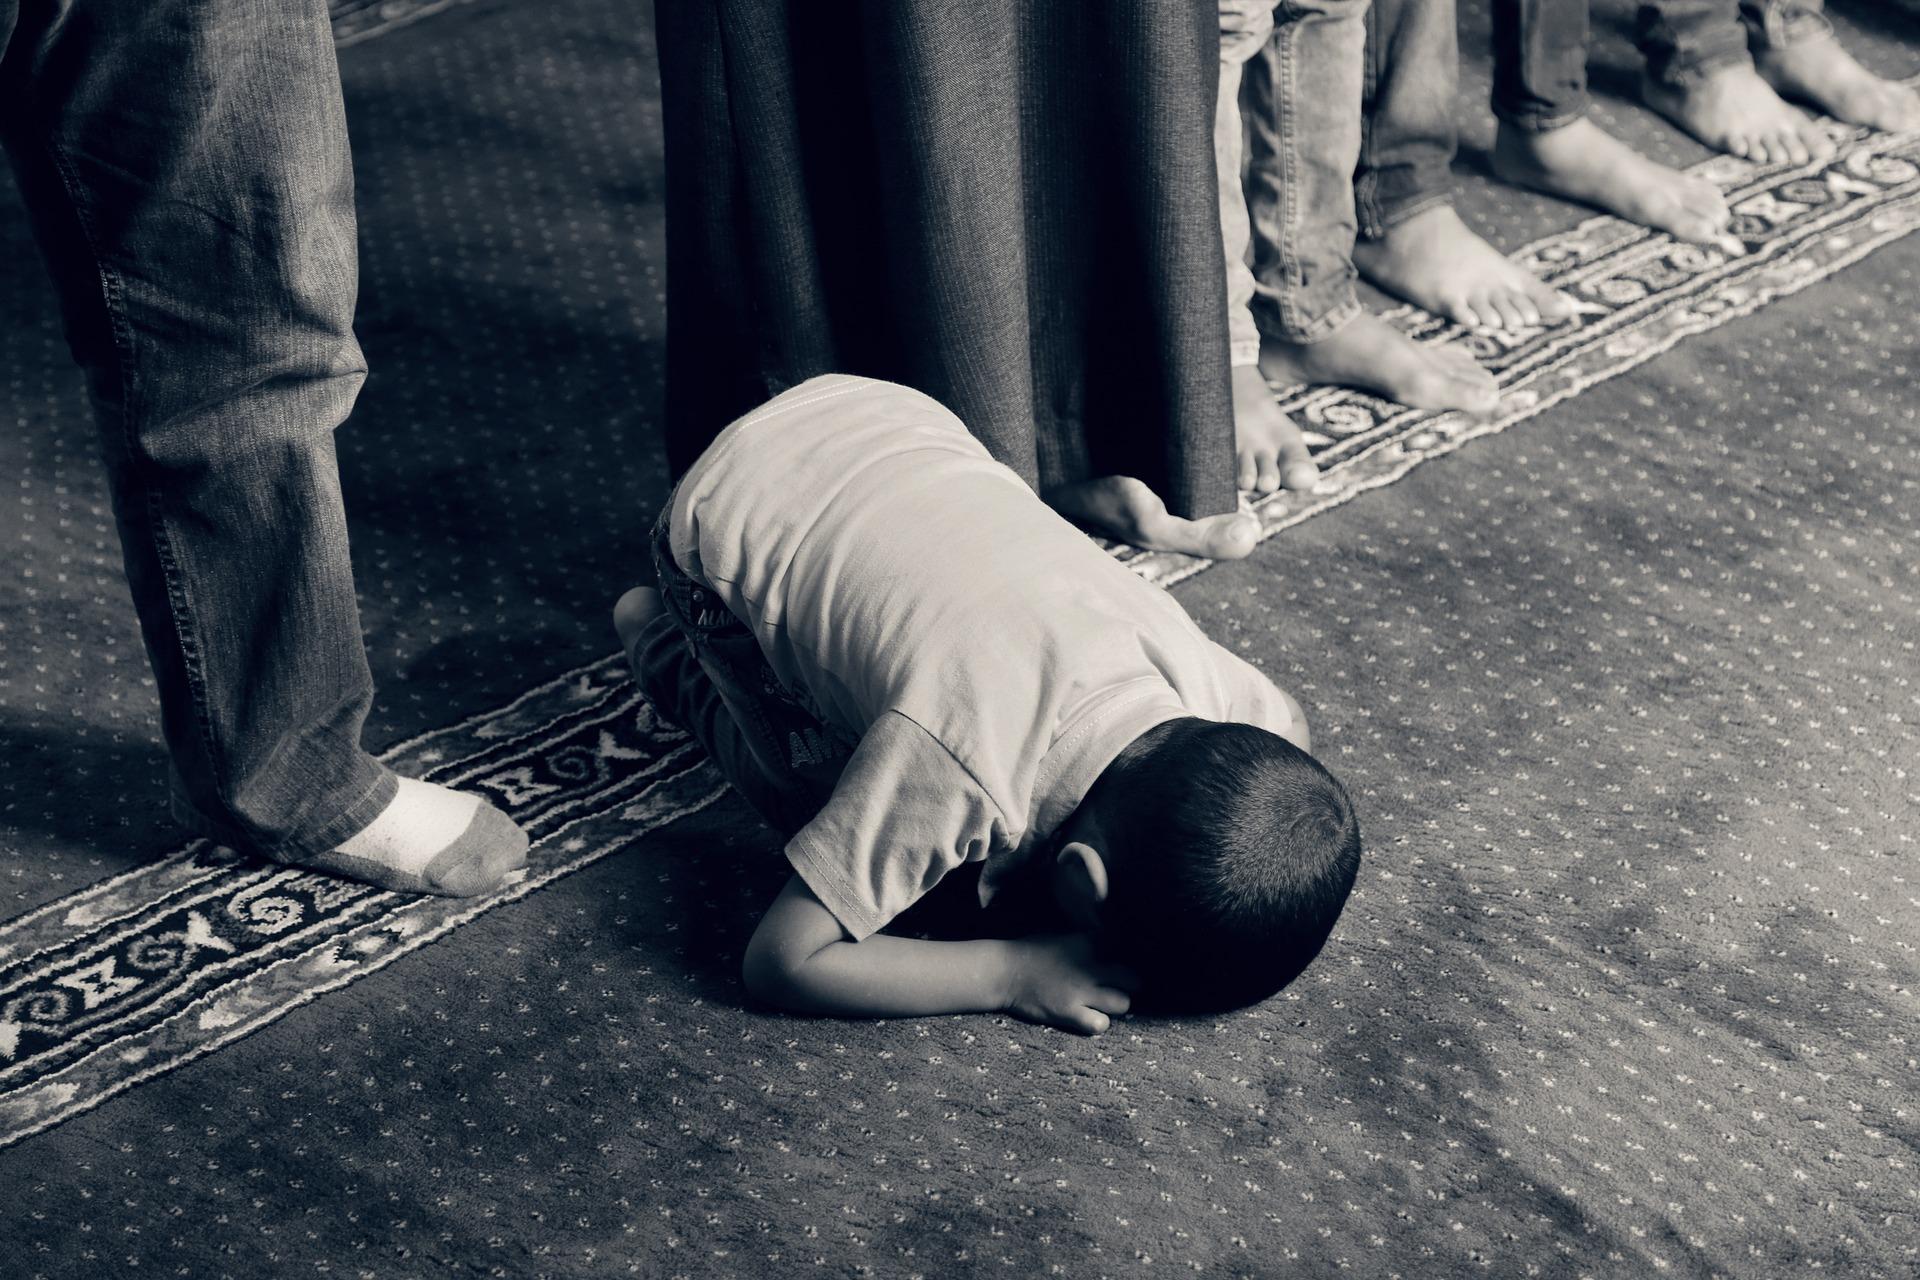 bambino prega allah discriminazione